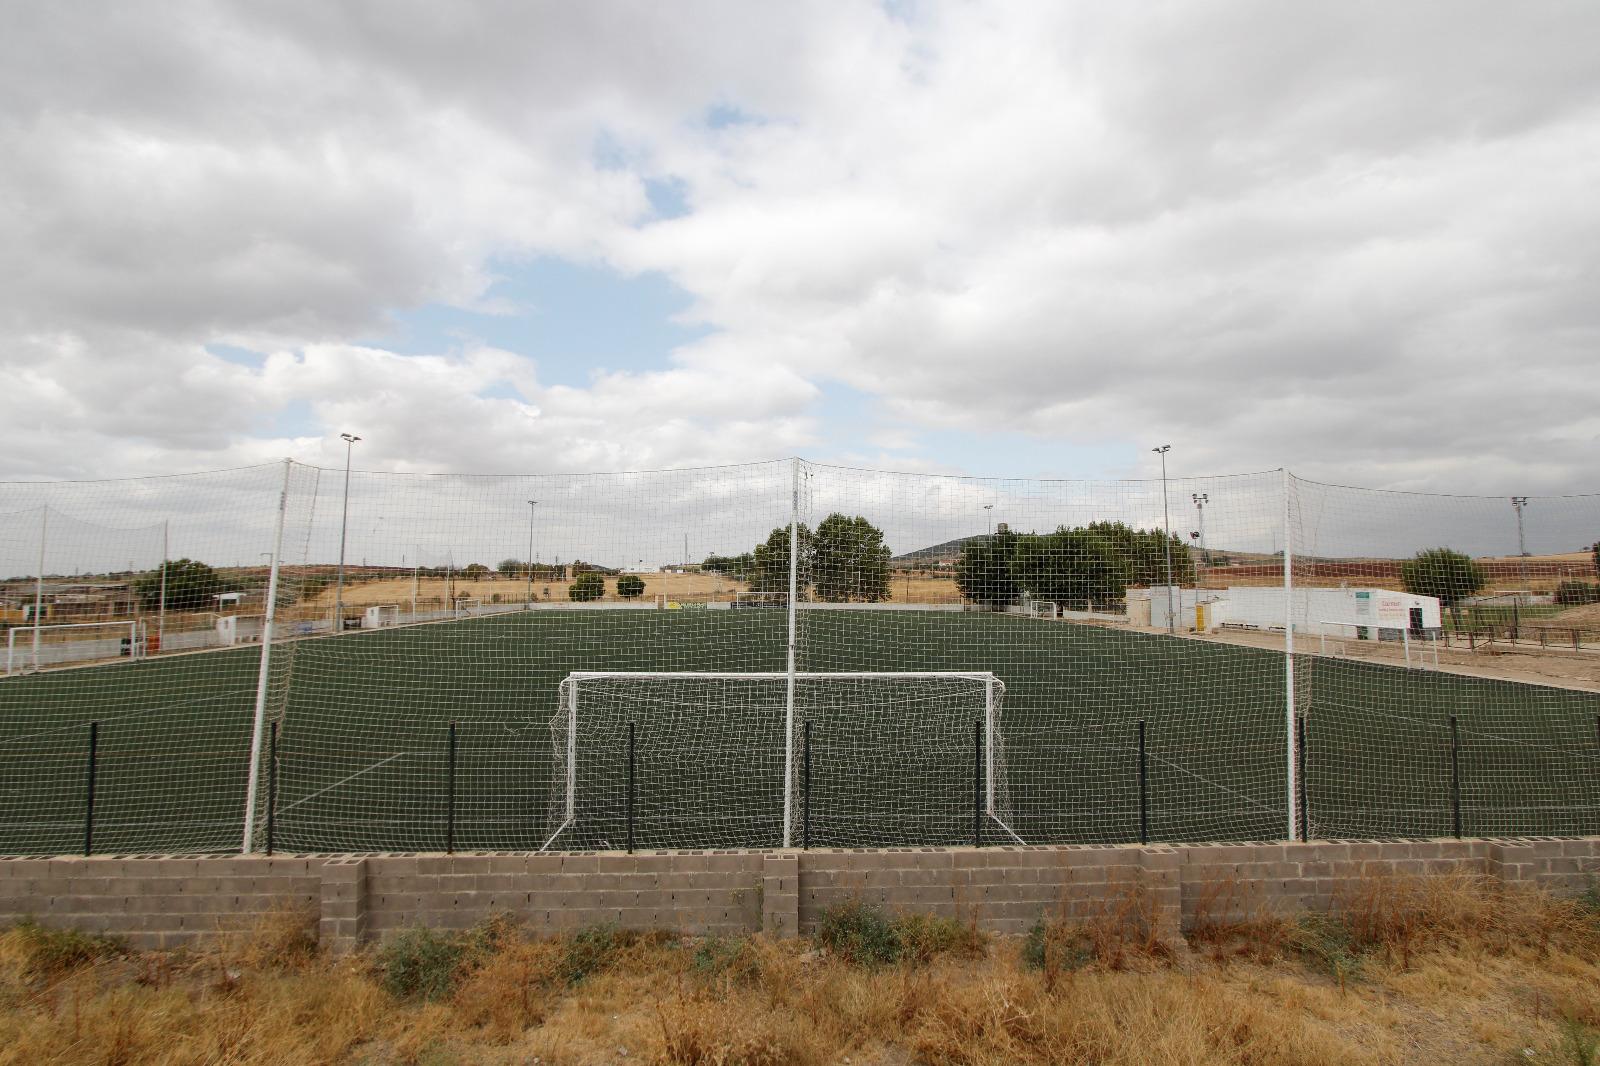 Los campos 'Miguel Patón' contarán con nuevo césped artificial y diversas mejoras